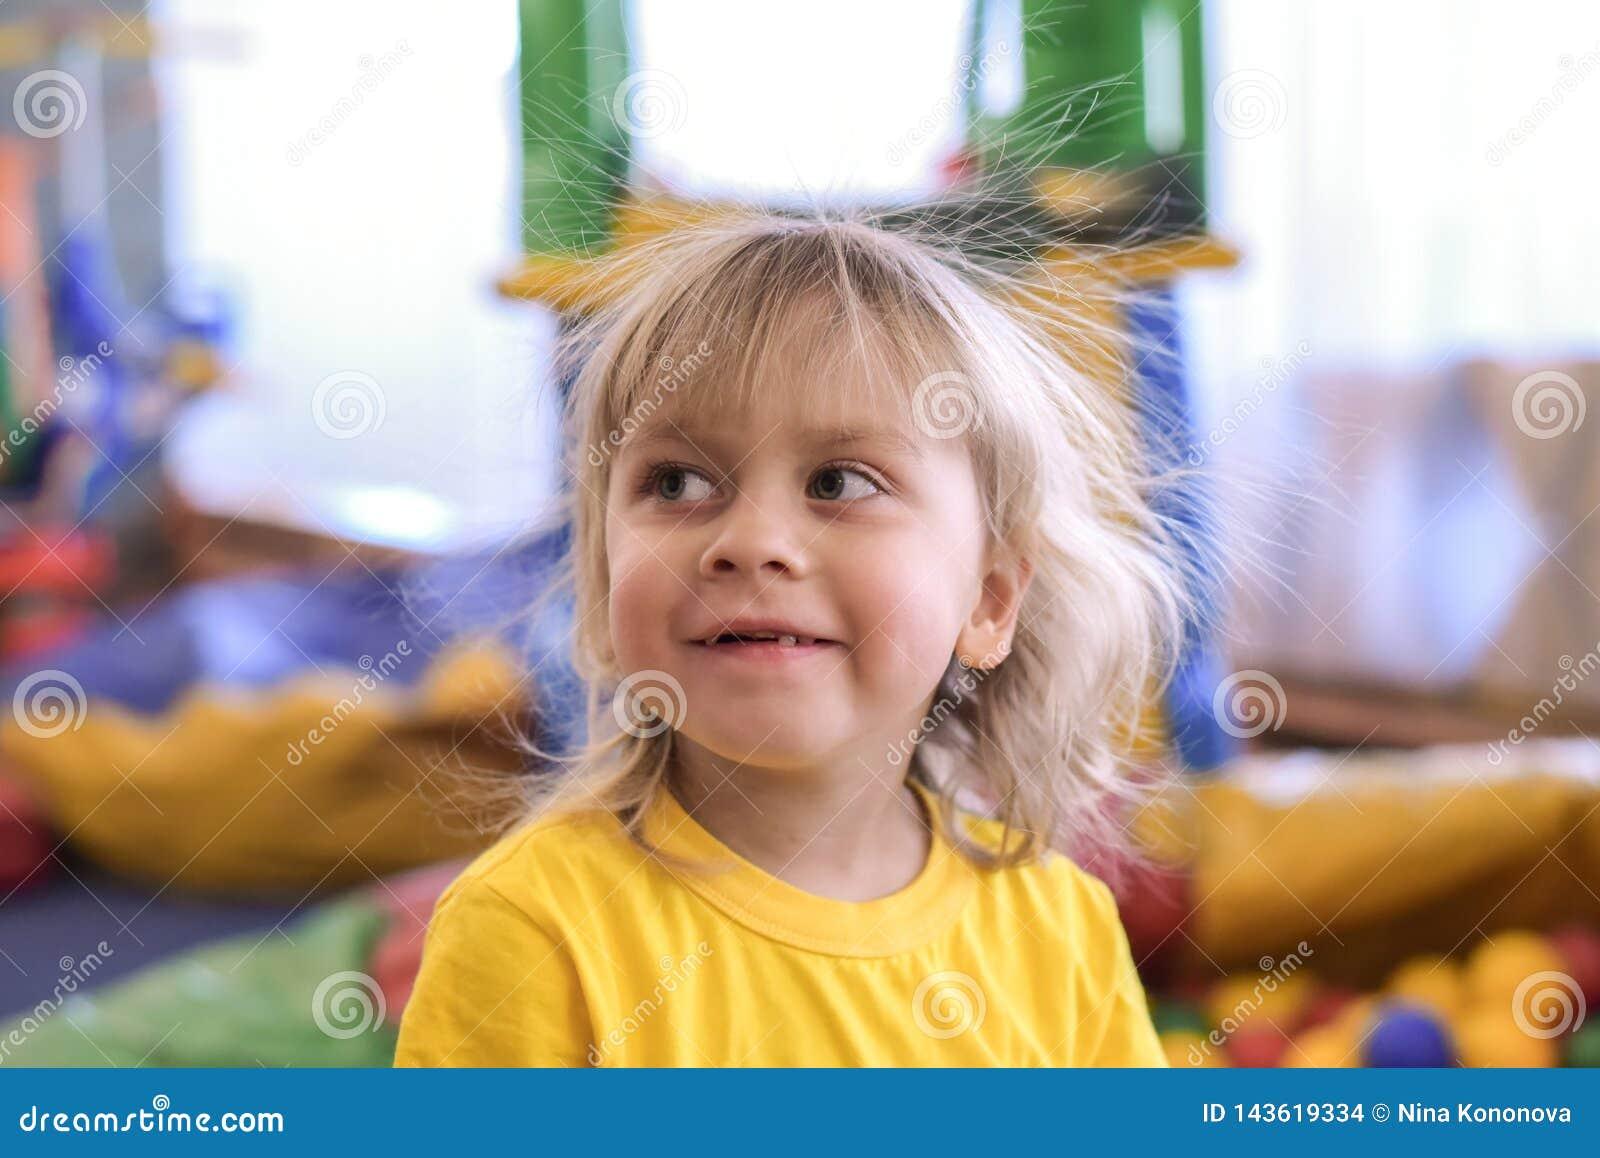 Porträt eines blonden Jungen in einem gelben T-Shirt Das Kinderlächeln und -spiele im Spielzimmer der Kinder